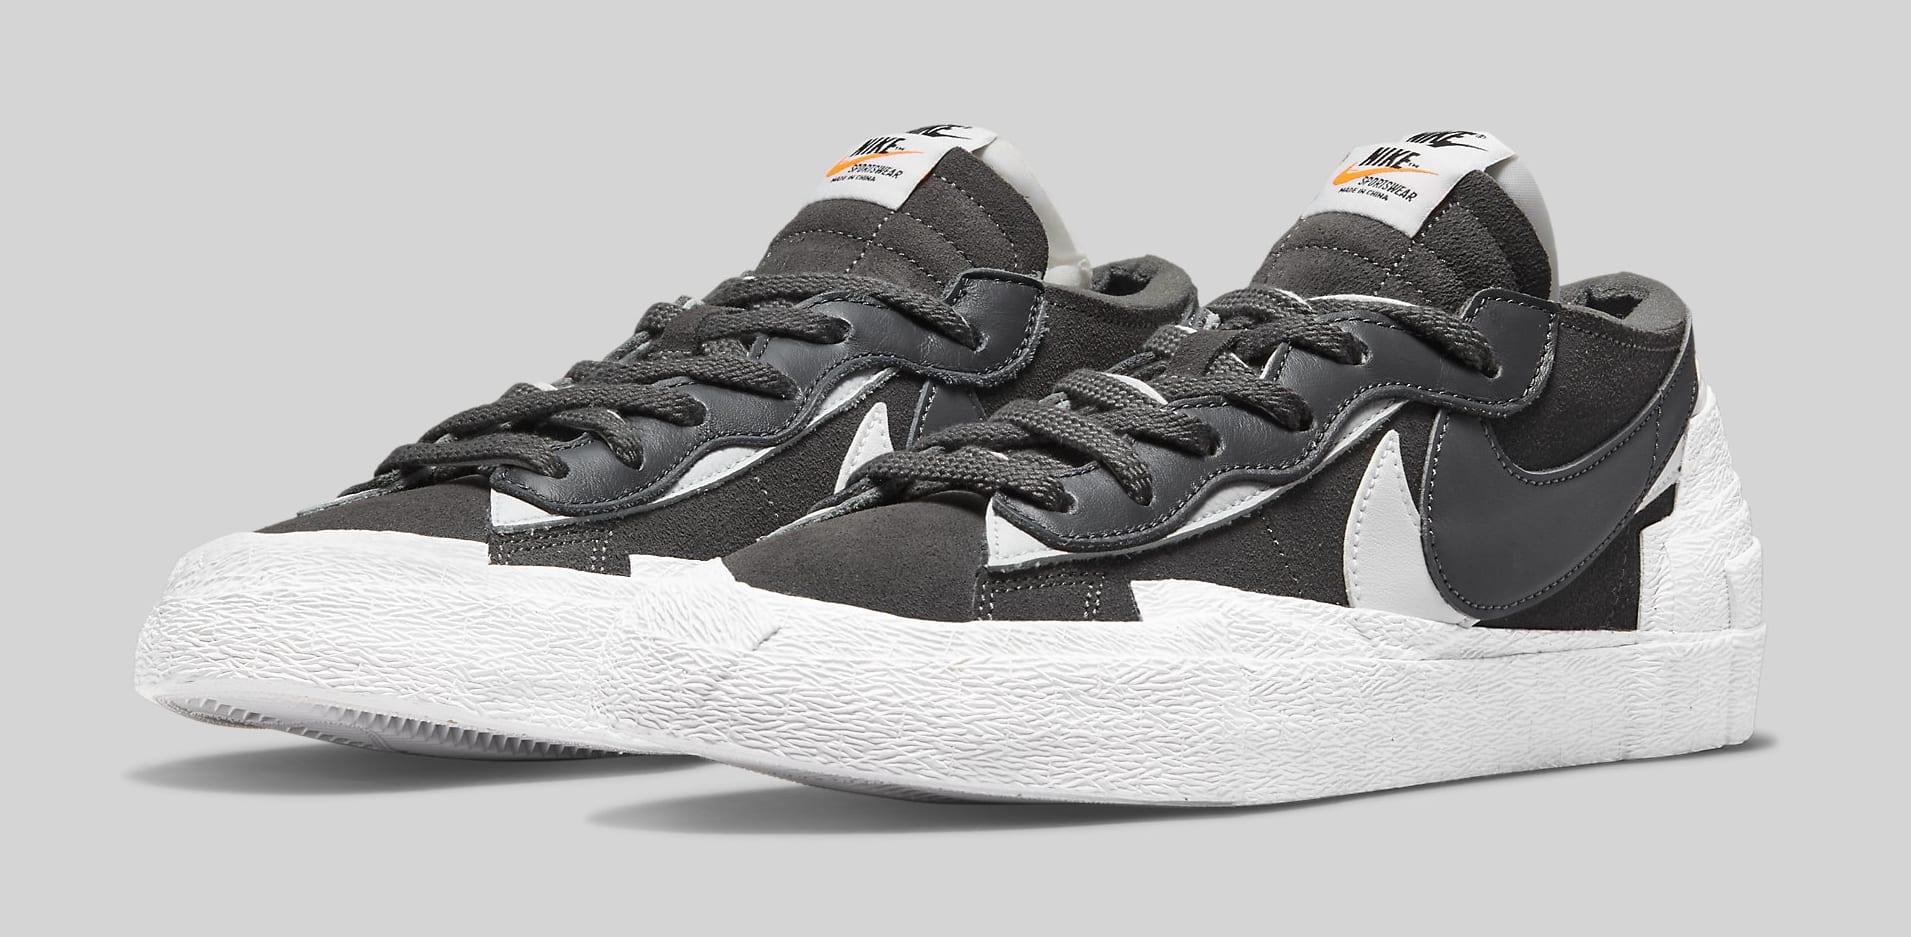 Sacai x Nike Blazer Low 'Iron Grey' DD1877-002 Pair